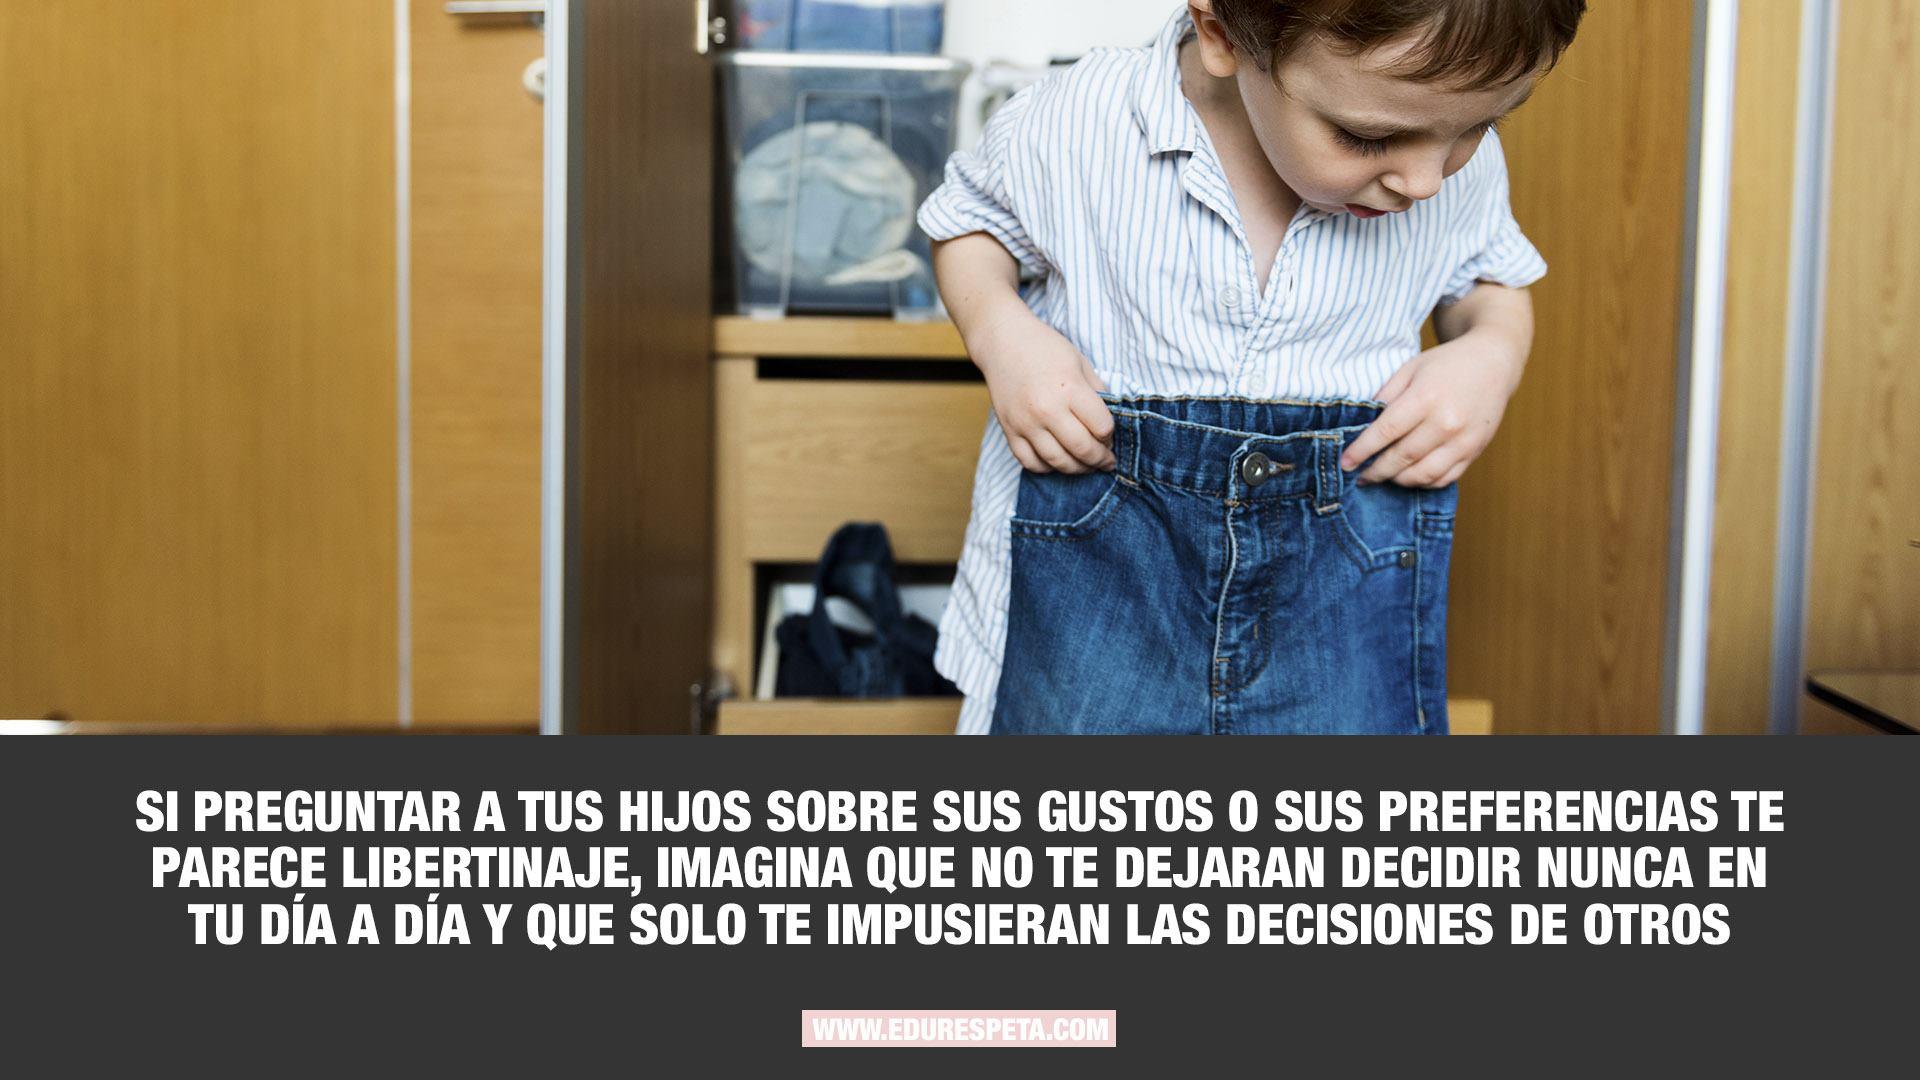 Si preguntar a tus hijos sobre sus gustos o sus preferencias